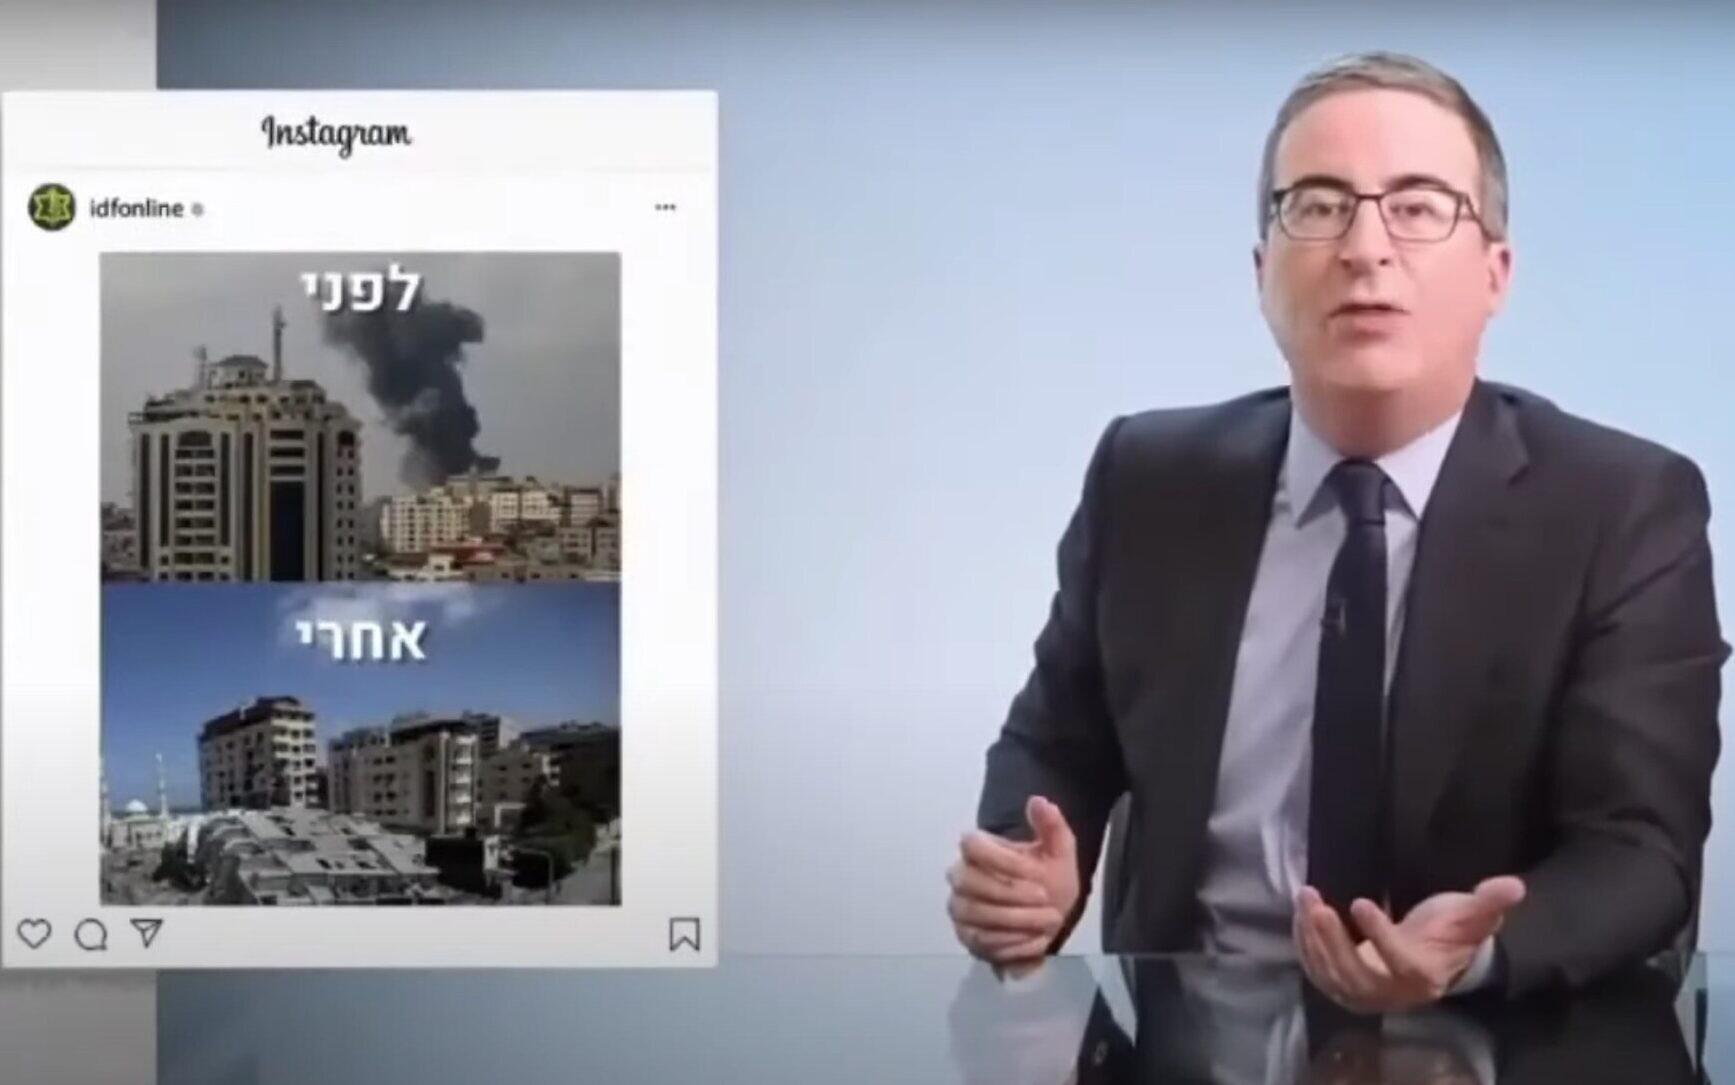 """Le présentateur américain John Oliver fustige Israël dans un extrait de l'émission """"Last Week Tonight"""", le 16 mai 2021. (Capture d'écran)"""